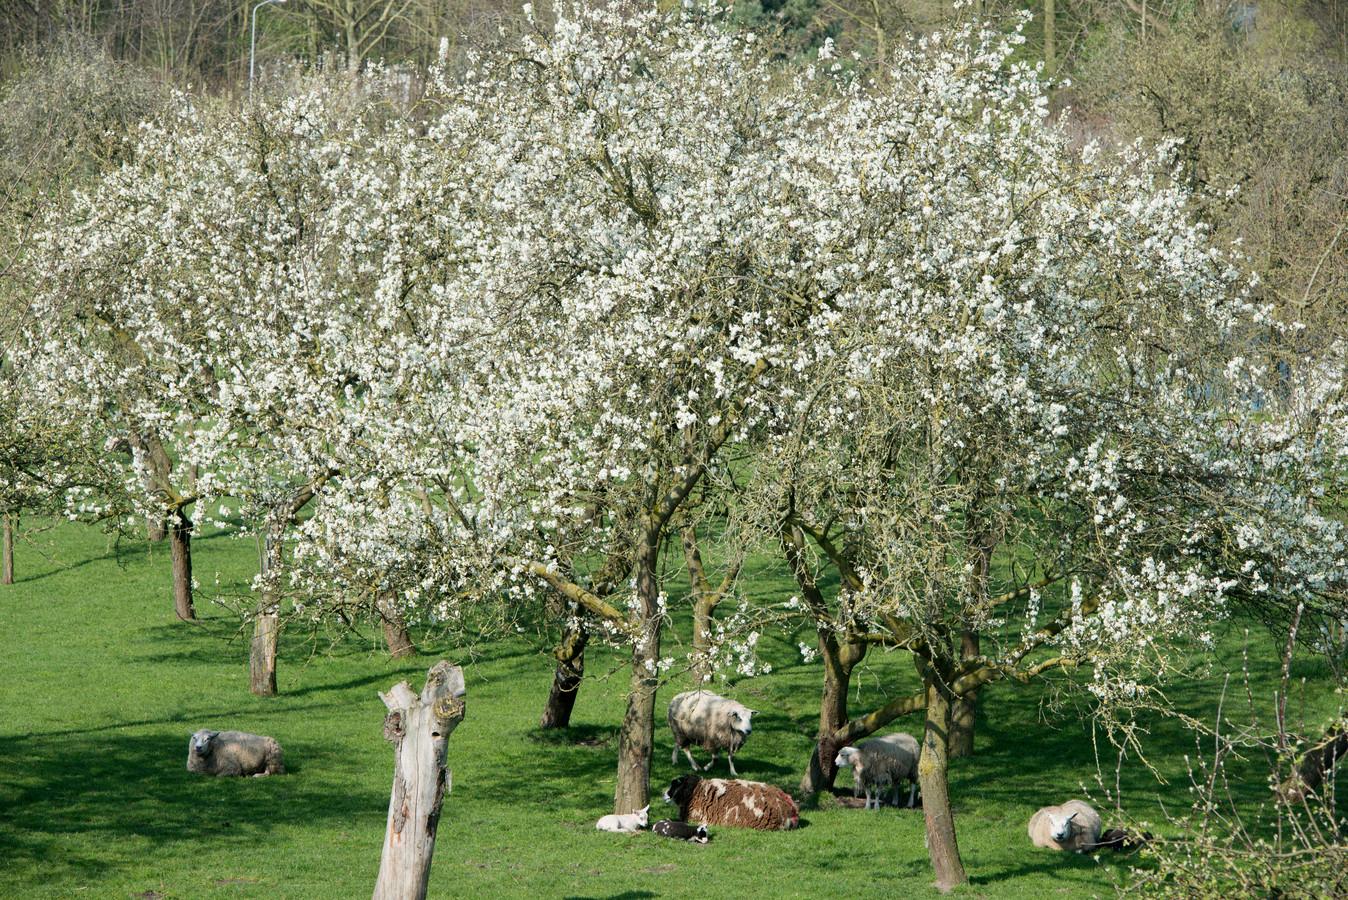 Hoogstamfruitbomen in Varik. Dit wordt mogelijk het decor voor een natuurlijke begraafplaats in Ophemert.